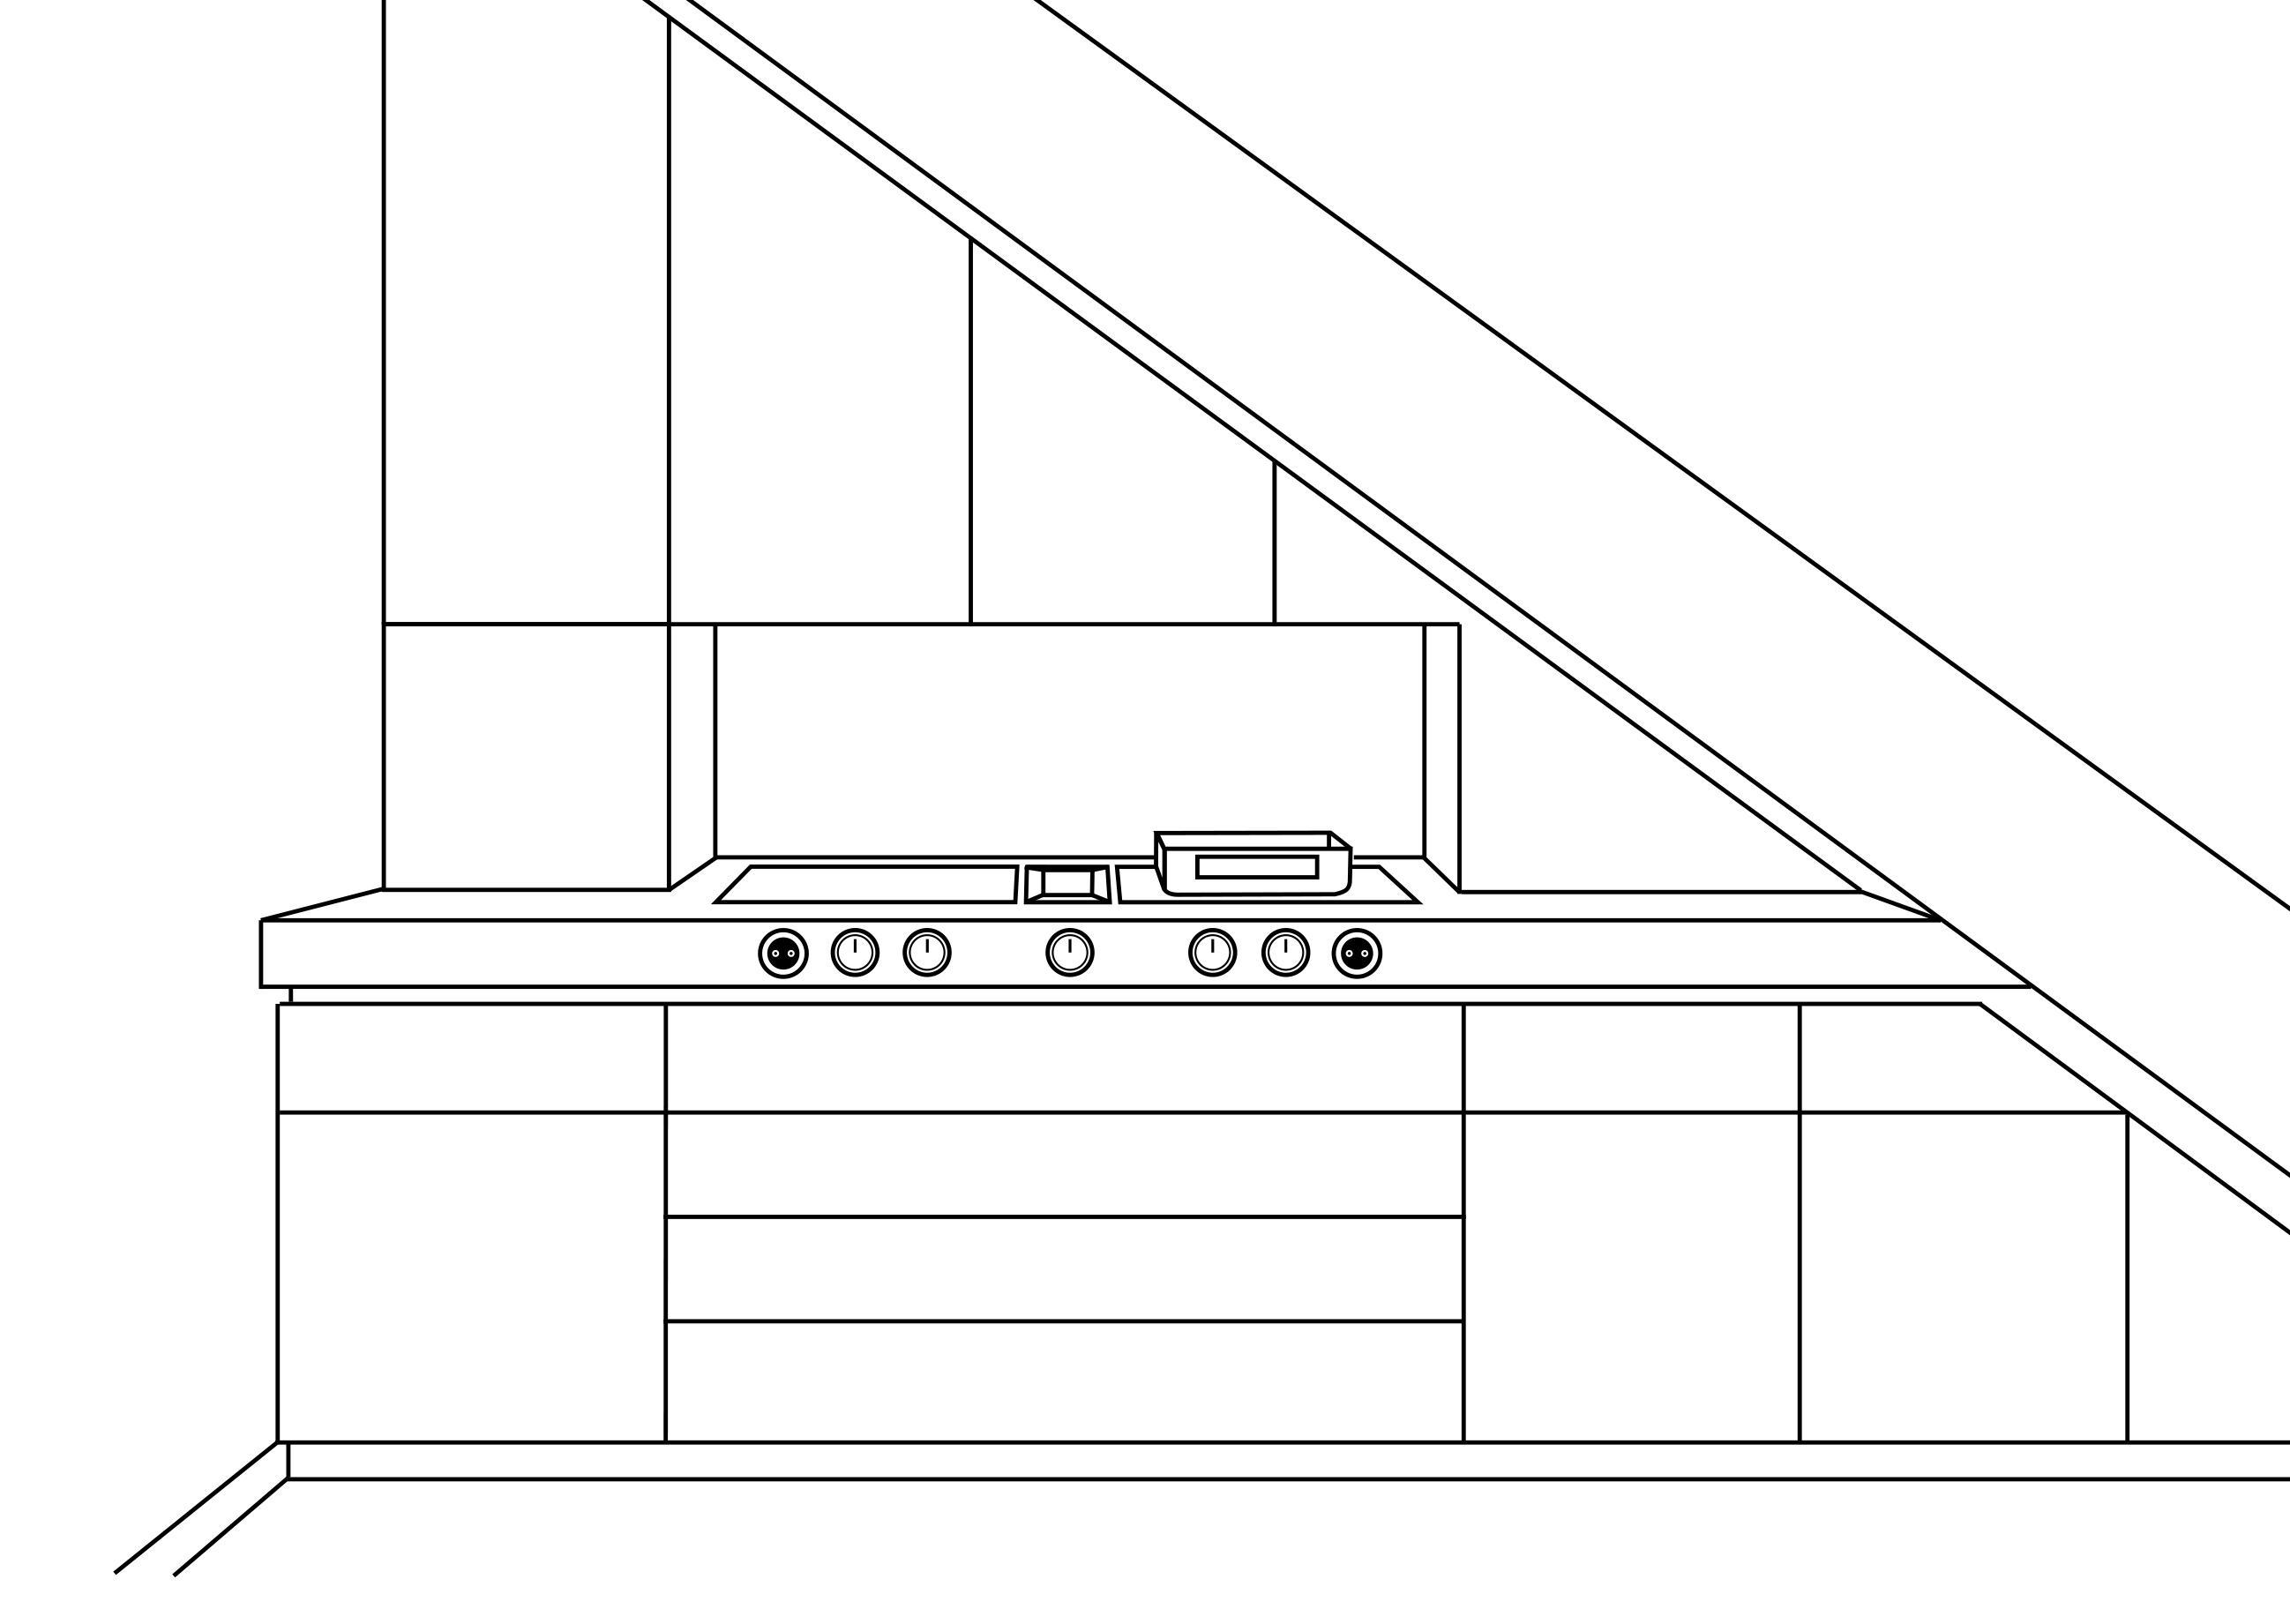 Küchenplanung: Küchen mit Finesse - praktische Lösungen | BORA